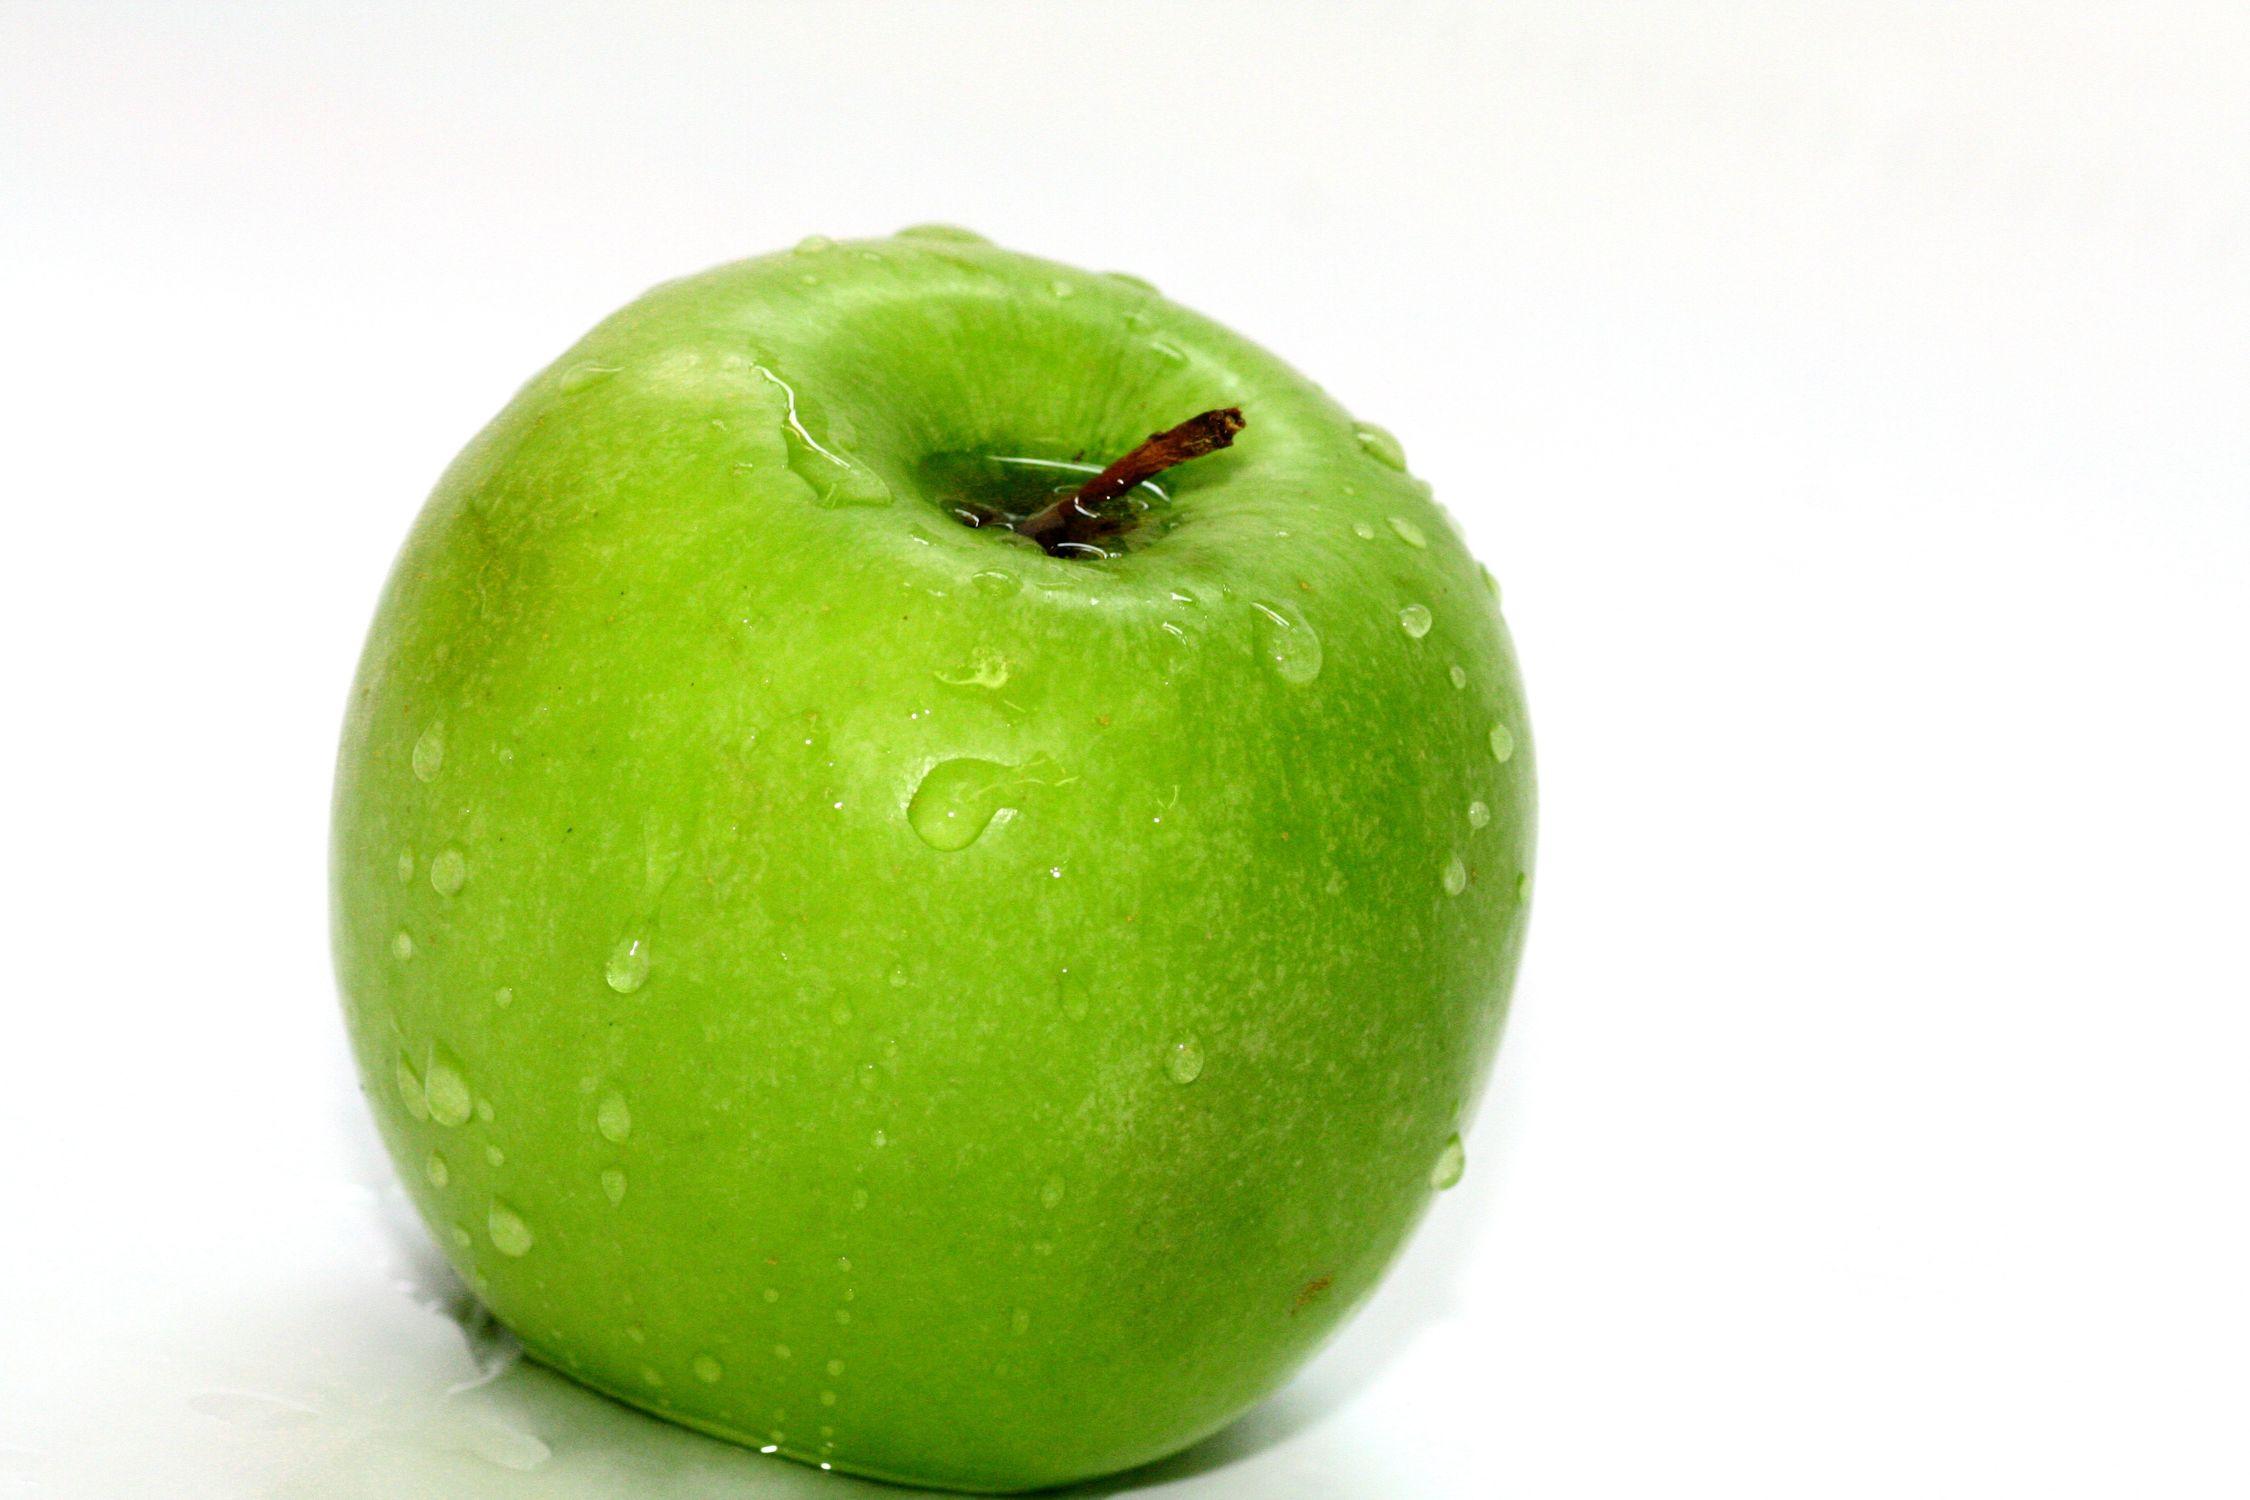 Bild mit Farben, Gegenstände, Natur, Grün, Pflanzen, Früchte, Lebensmittel, Essen, Frucht, Kulturapfel, Obstart, Nahrungsmittel, Apfel mit Wassertropfen, nasser Apfel, Apfelbild, Malus, grüner Apfel, grüne Äpfel, Küchenbild, Apfel, Apfel